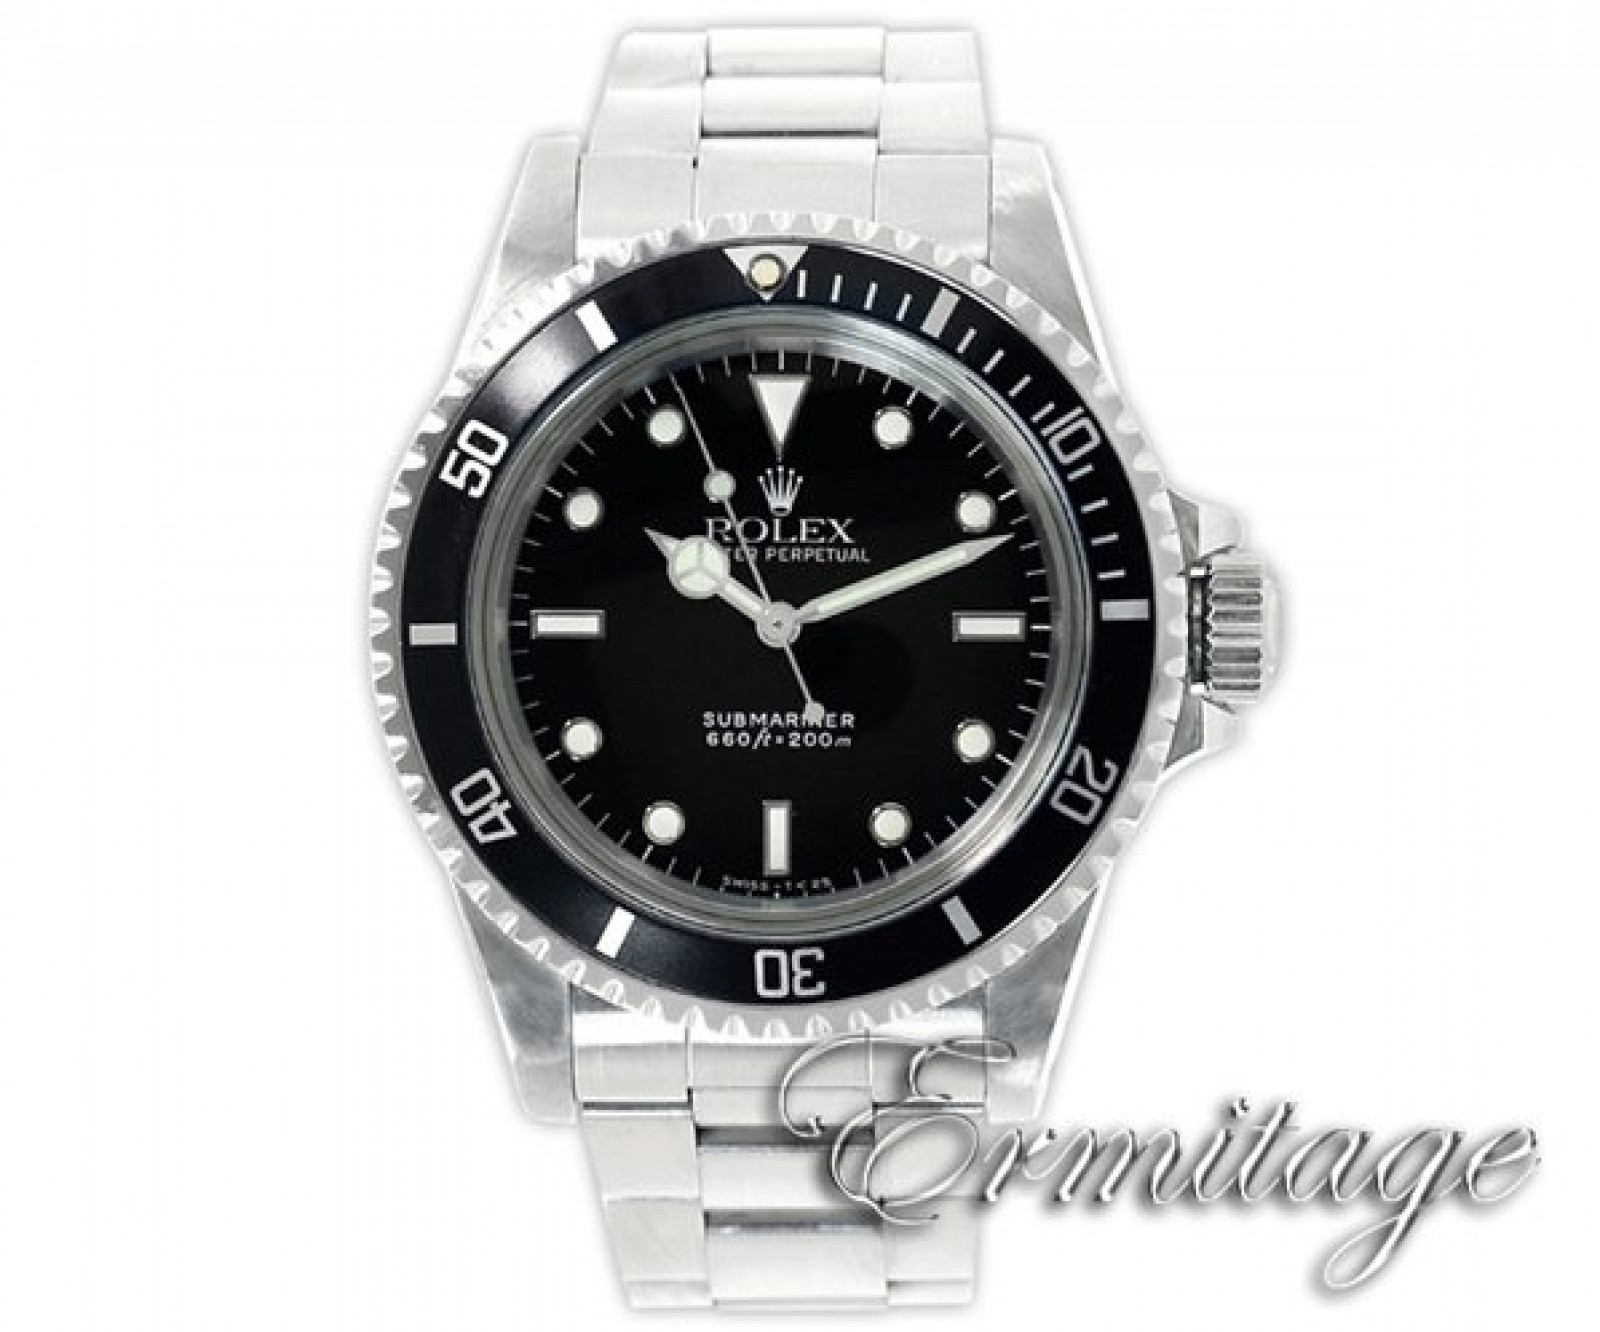 Vintage Rolex Submariner 5513 Steel 1989